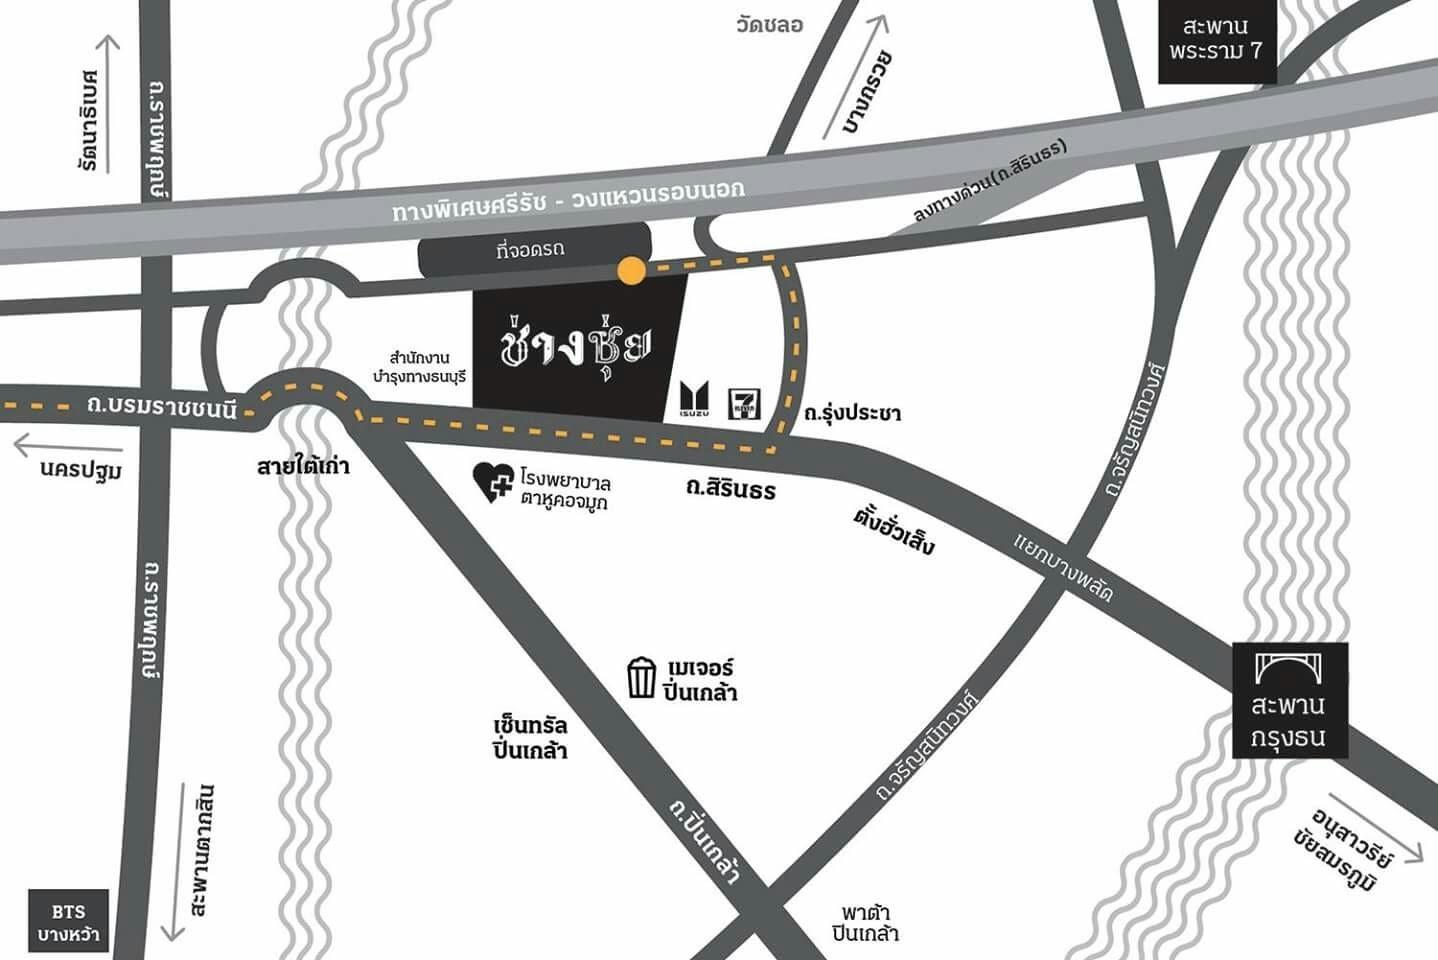 แผนที่ช่างชุ่ย วิธีการเดินทางช่างชุ่ย แหล่งรวมวัยรุ่น ศิลปะ ไอเดียเเนวย้อนยุค และบันเทิง ถนนสิรินธร